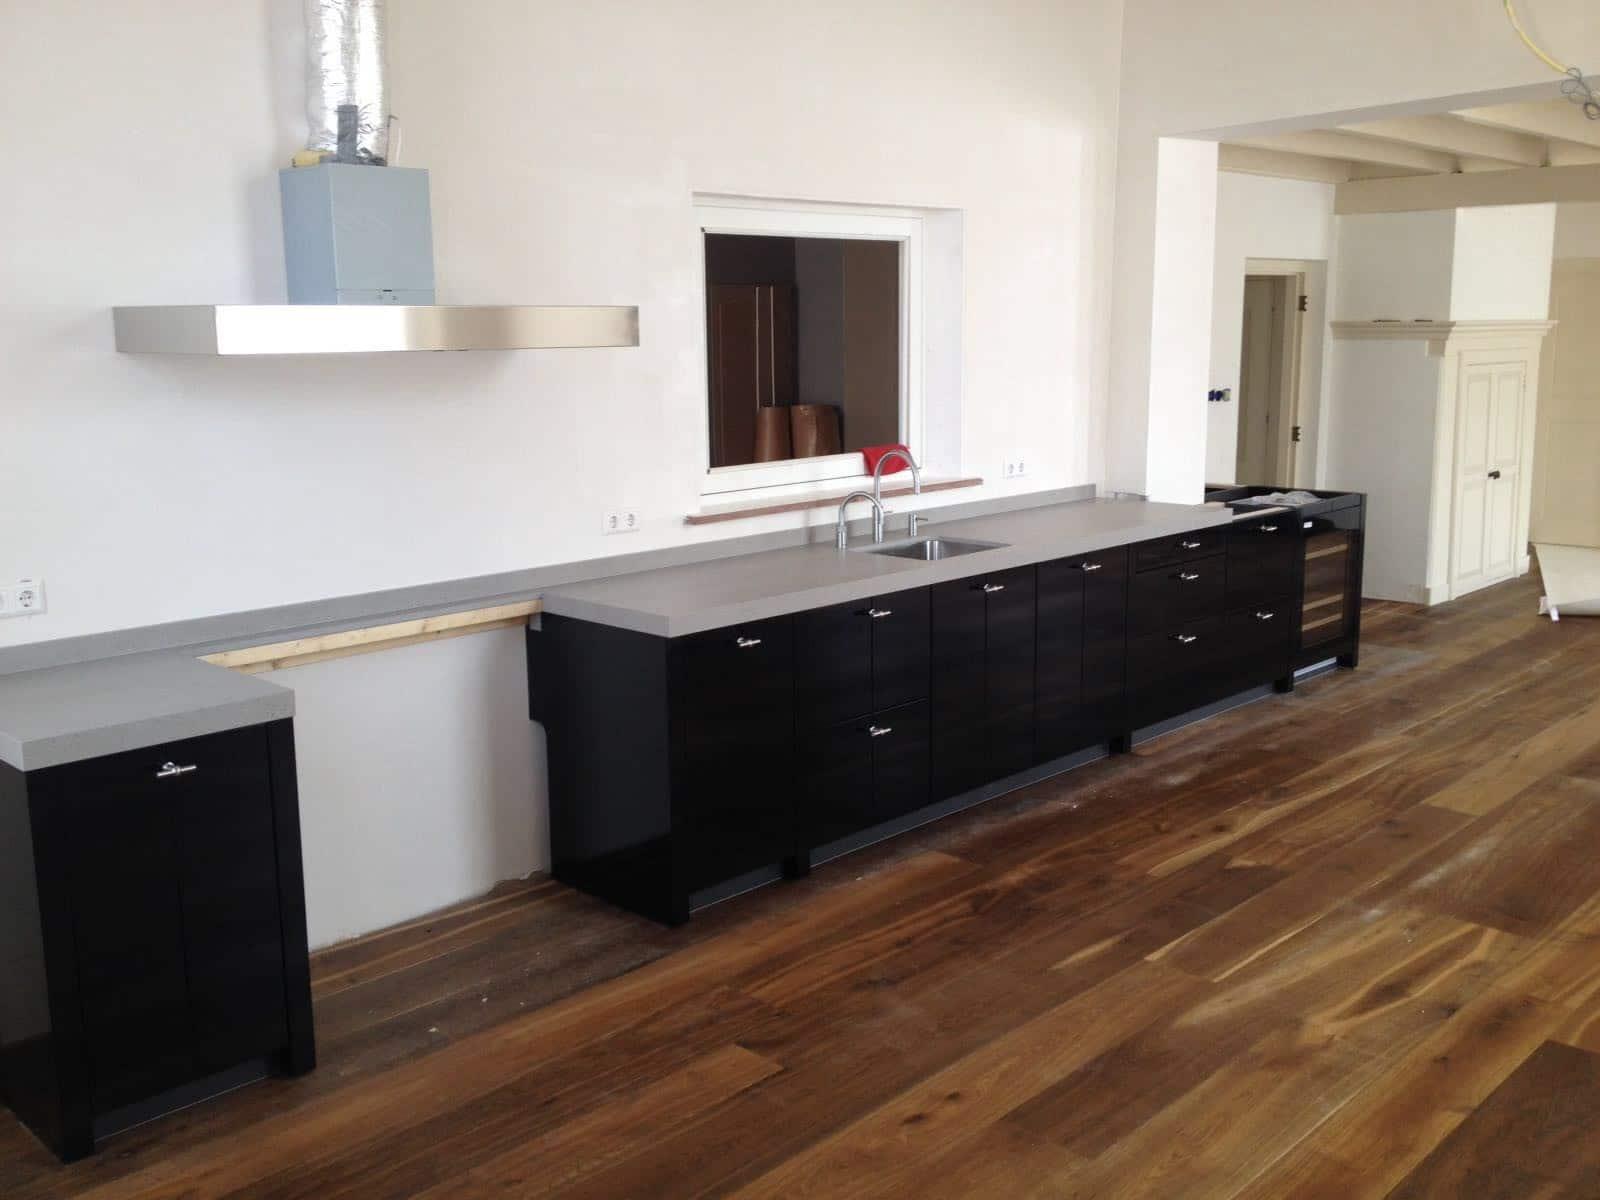 byBeelen private label keuken in zwart hoogglans - Keukenstudio Beelen